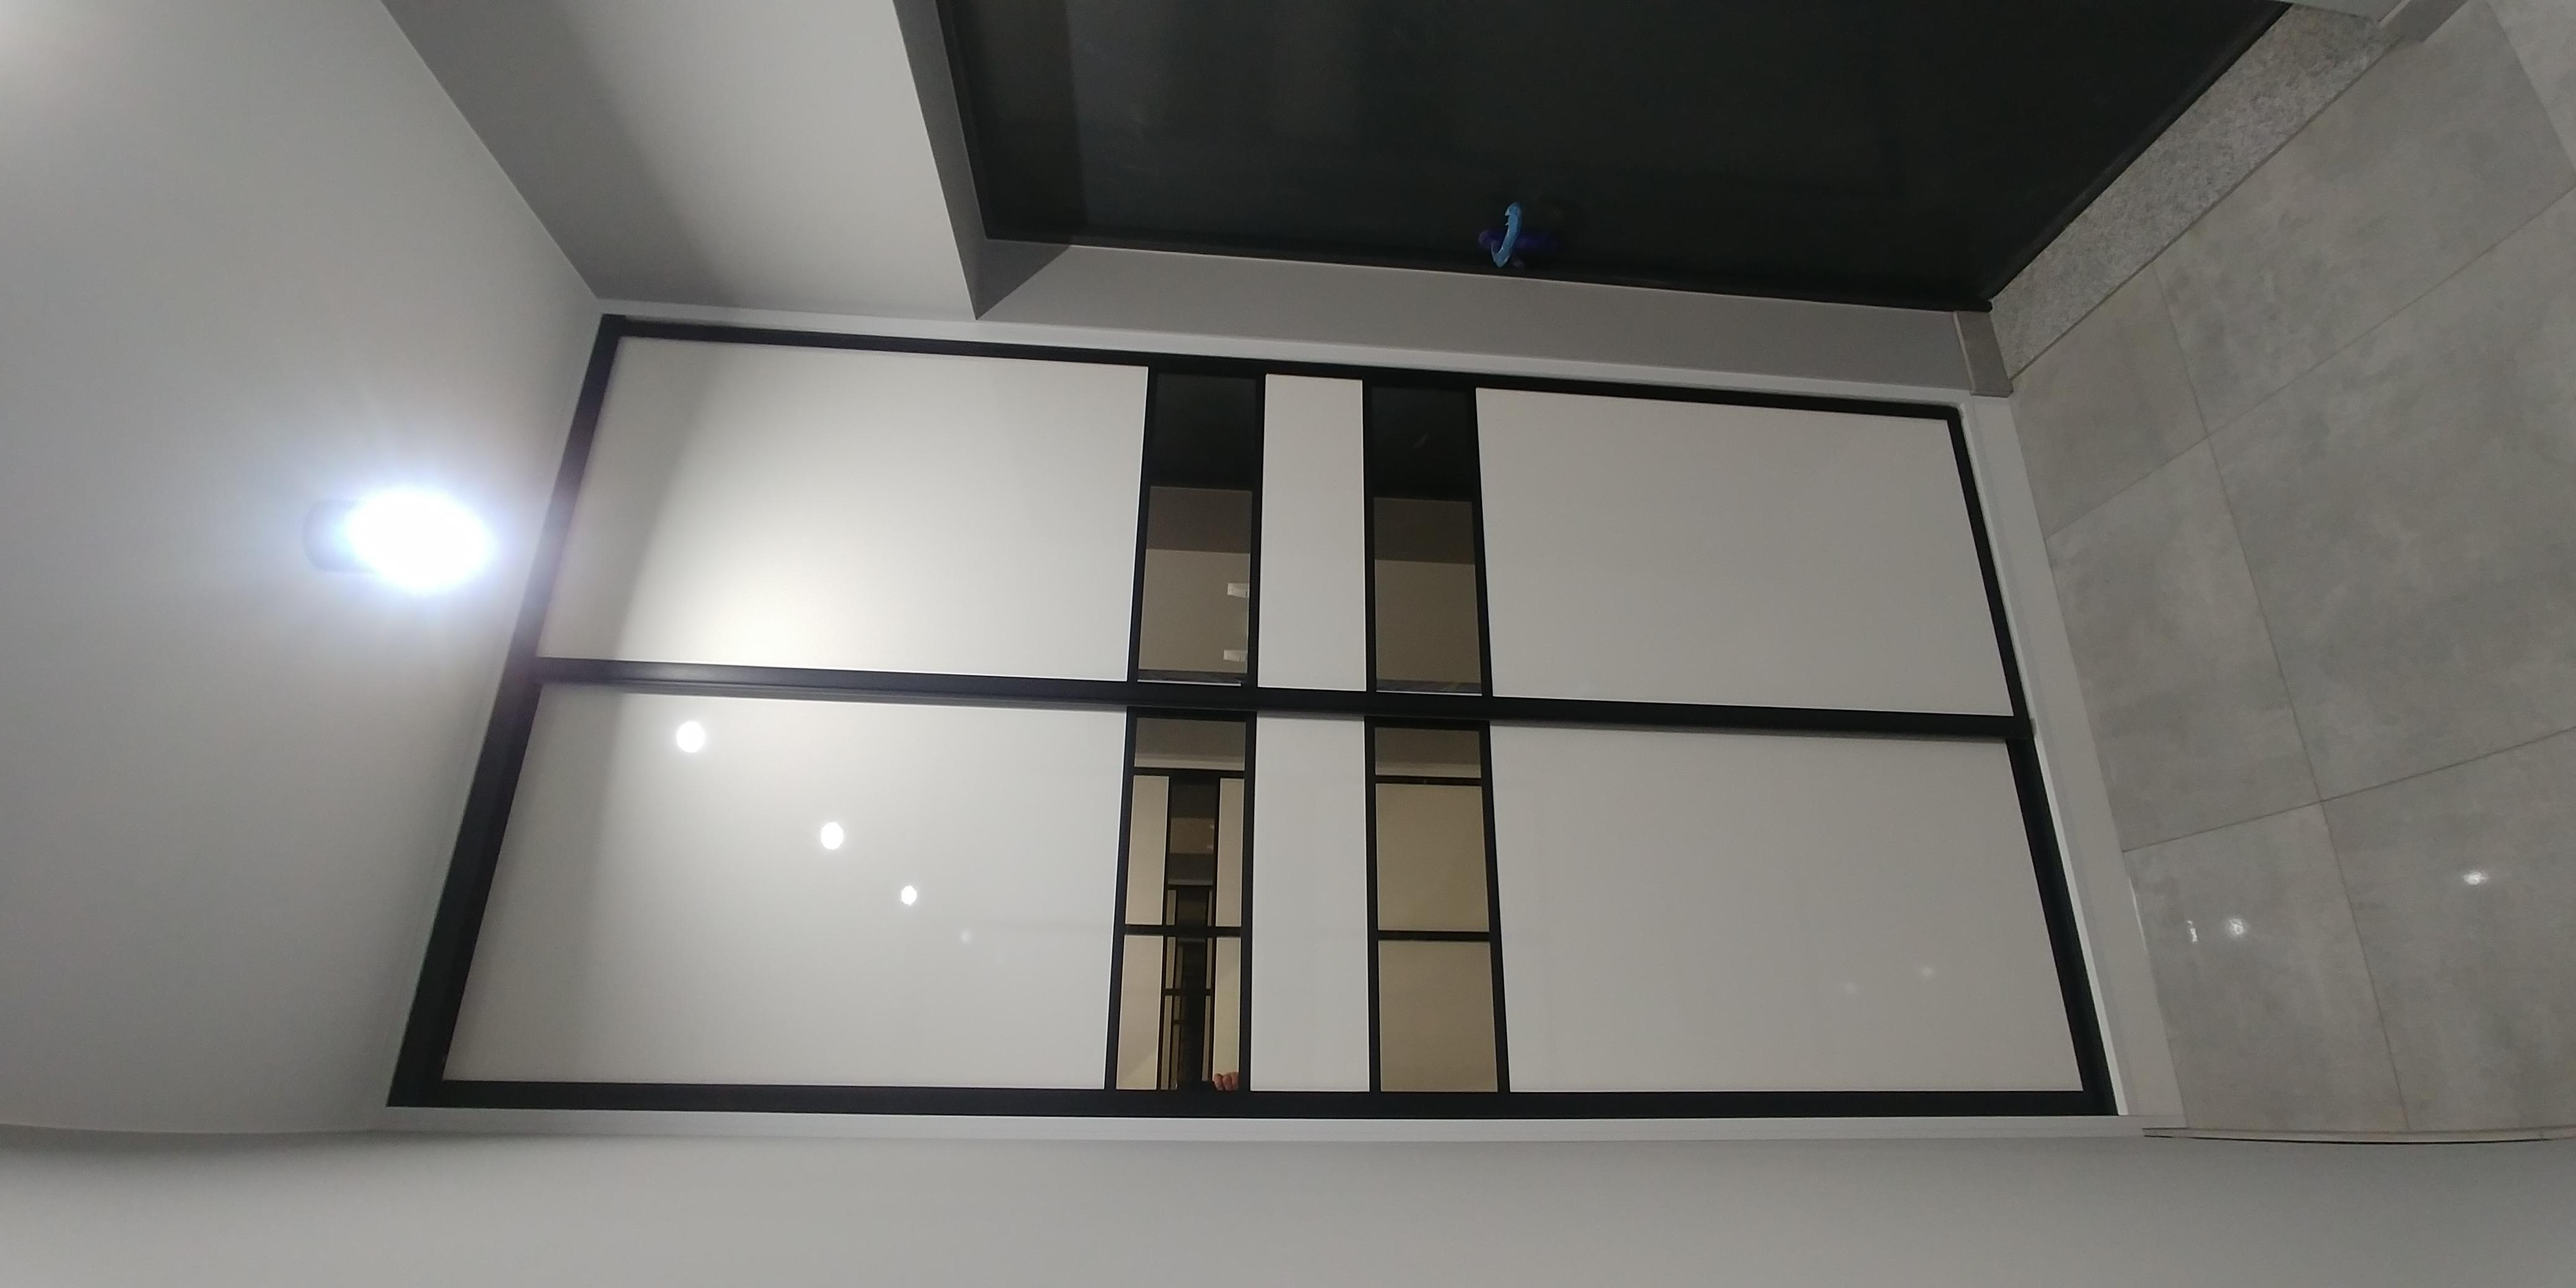 Drzwi przesuwne - biała płyta w połączeniu z czarnymi ramkami i lustrem